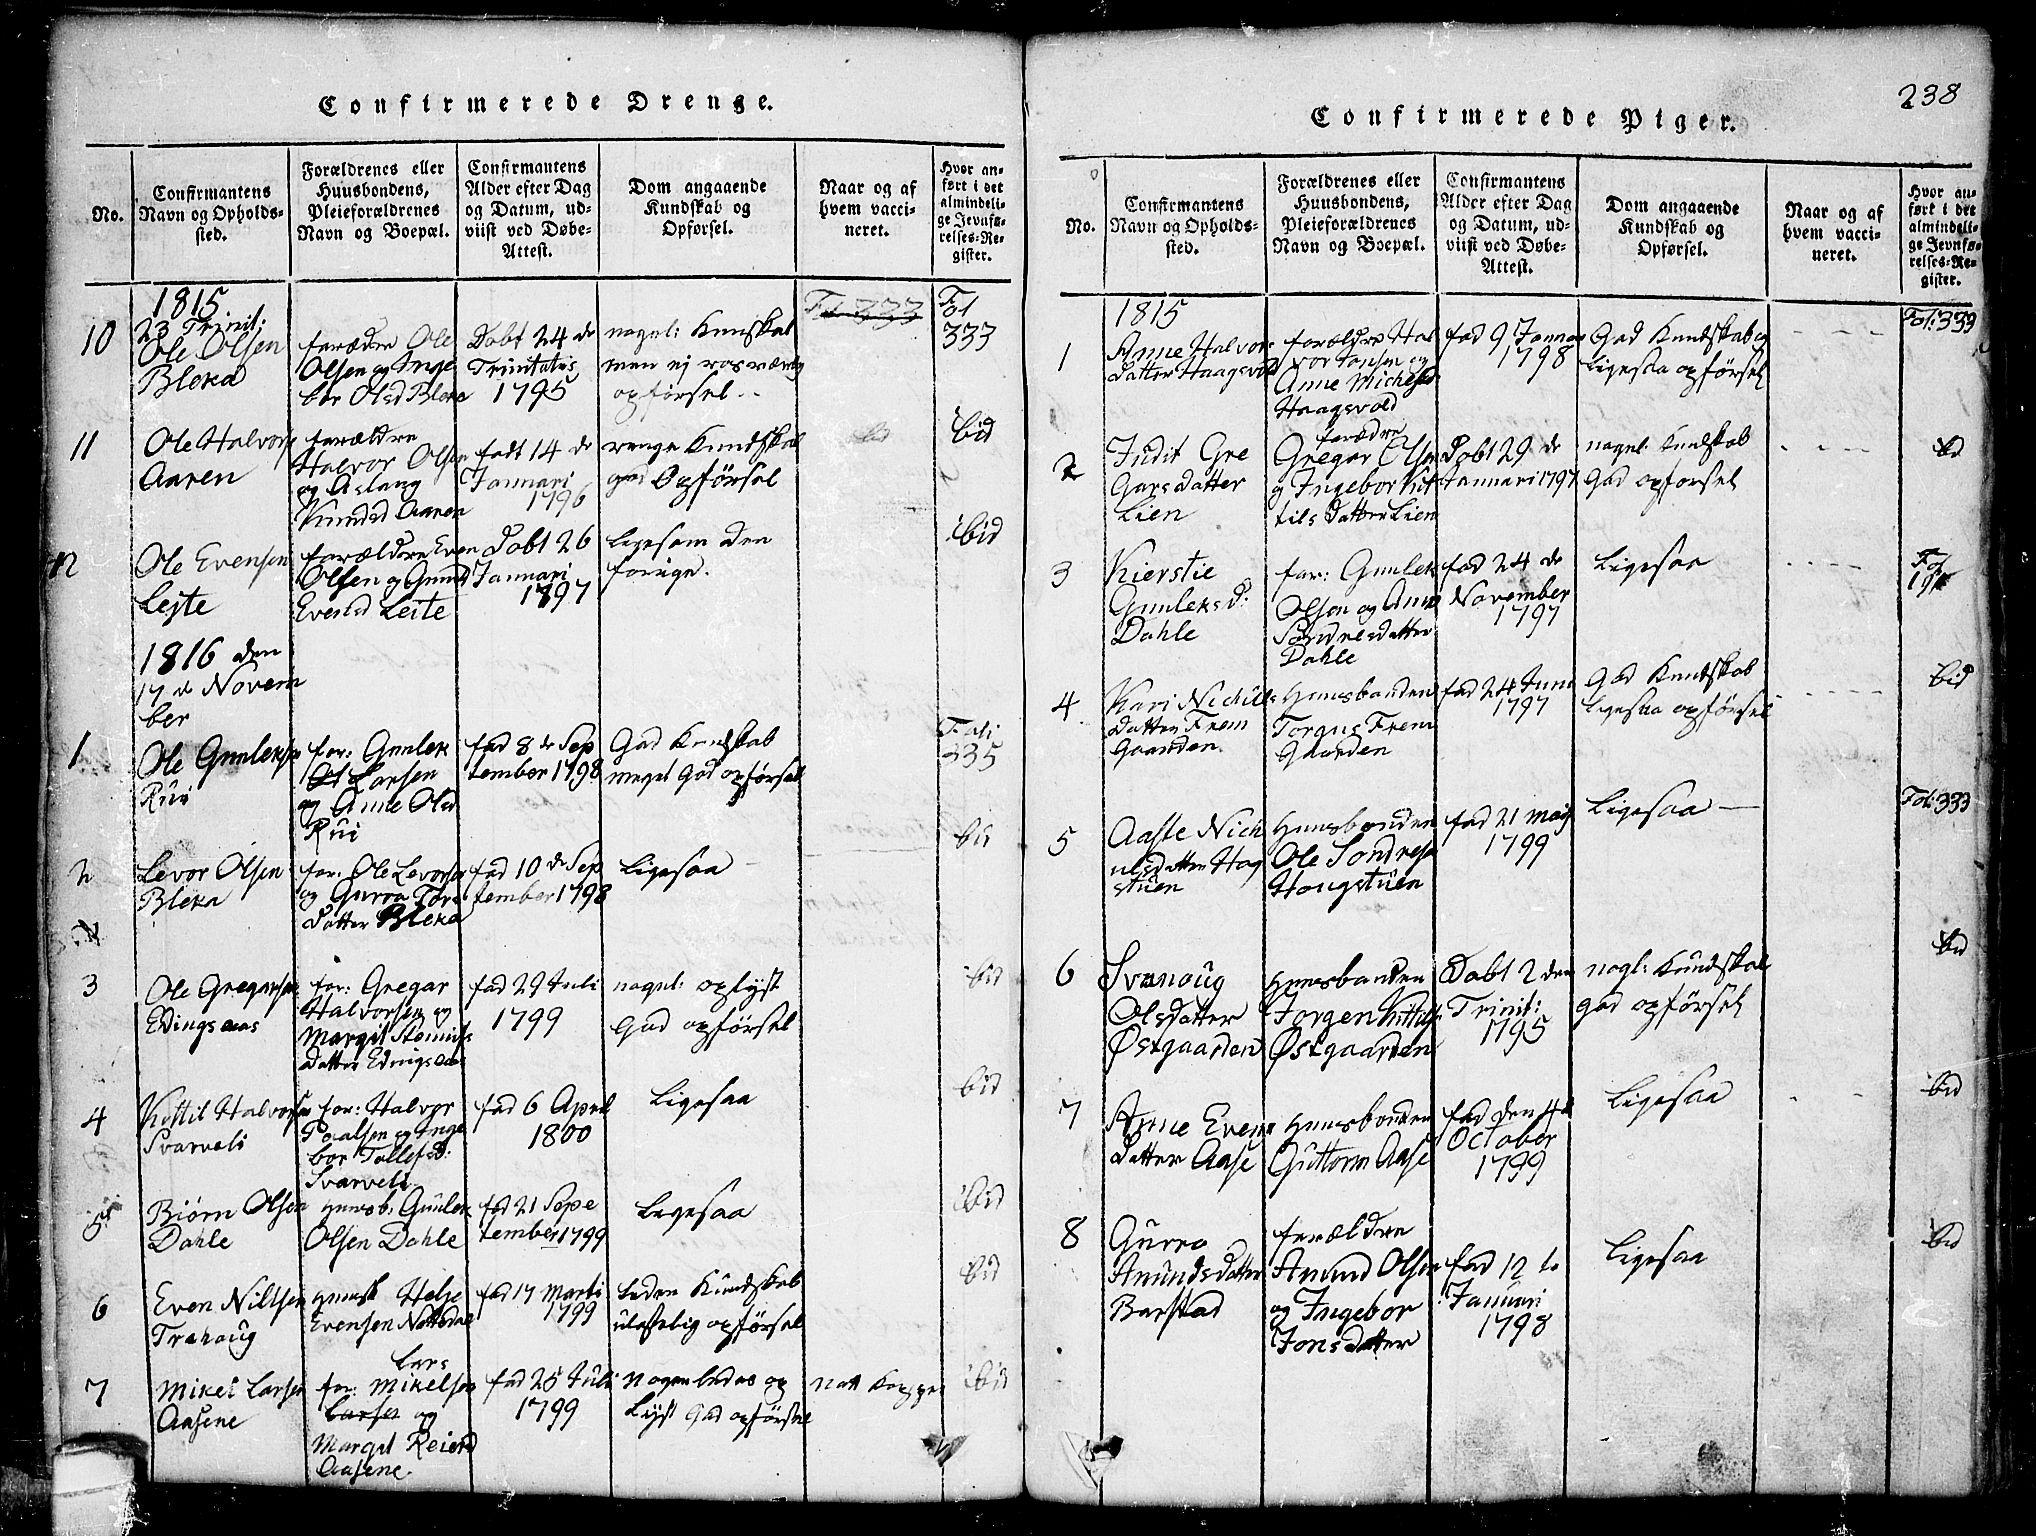 SAKO, Seljord kirkebøker, G/Gb/L0002: Klokkerbok nr. II 2, 1815-1854, s. 238